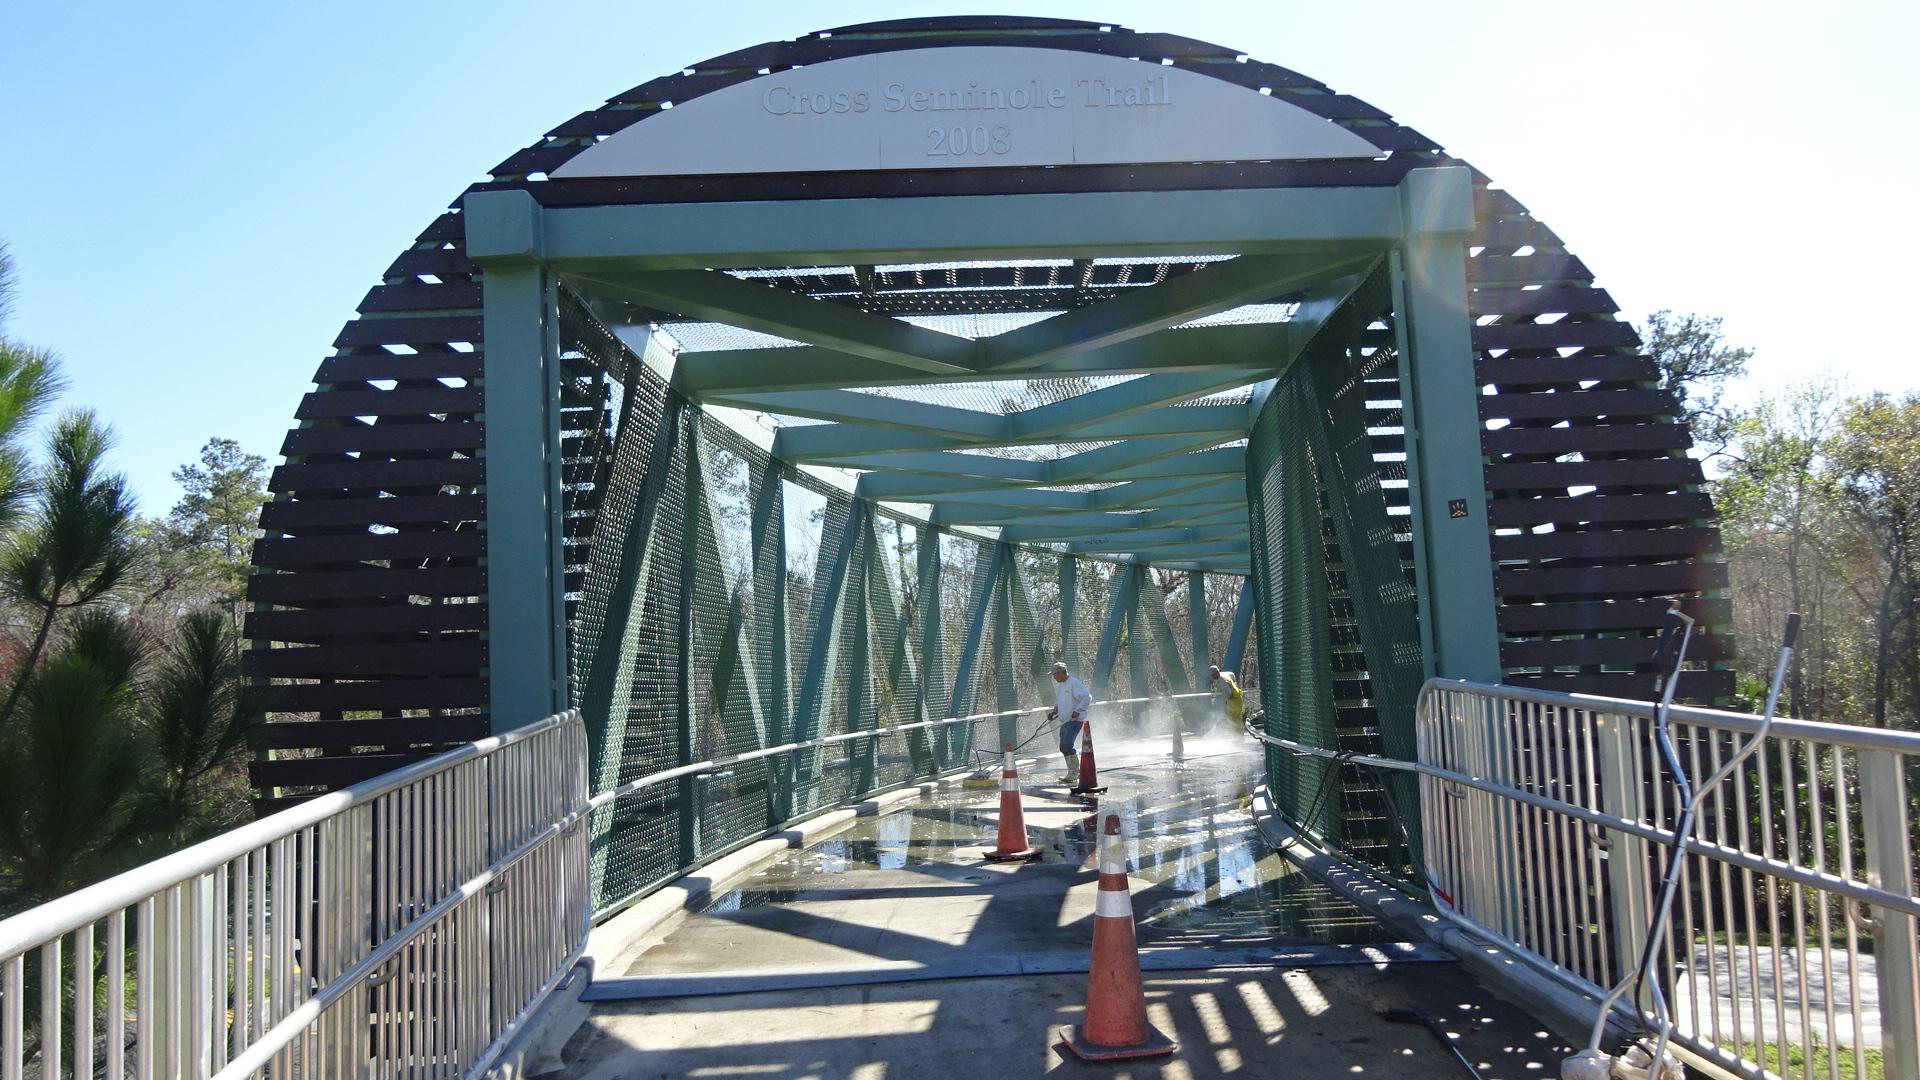 17-92 Cross Seminole Bridge